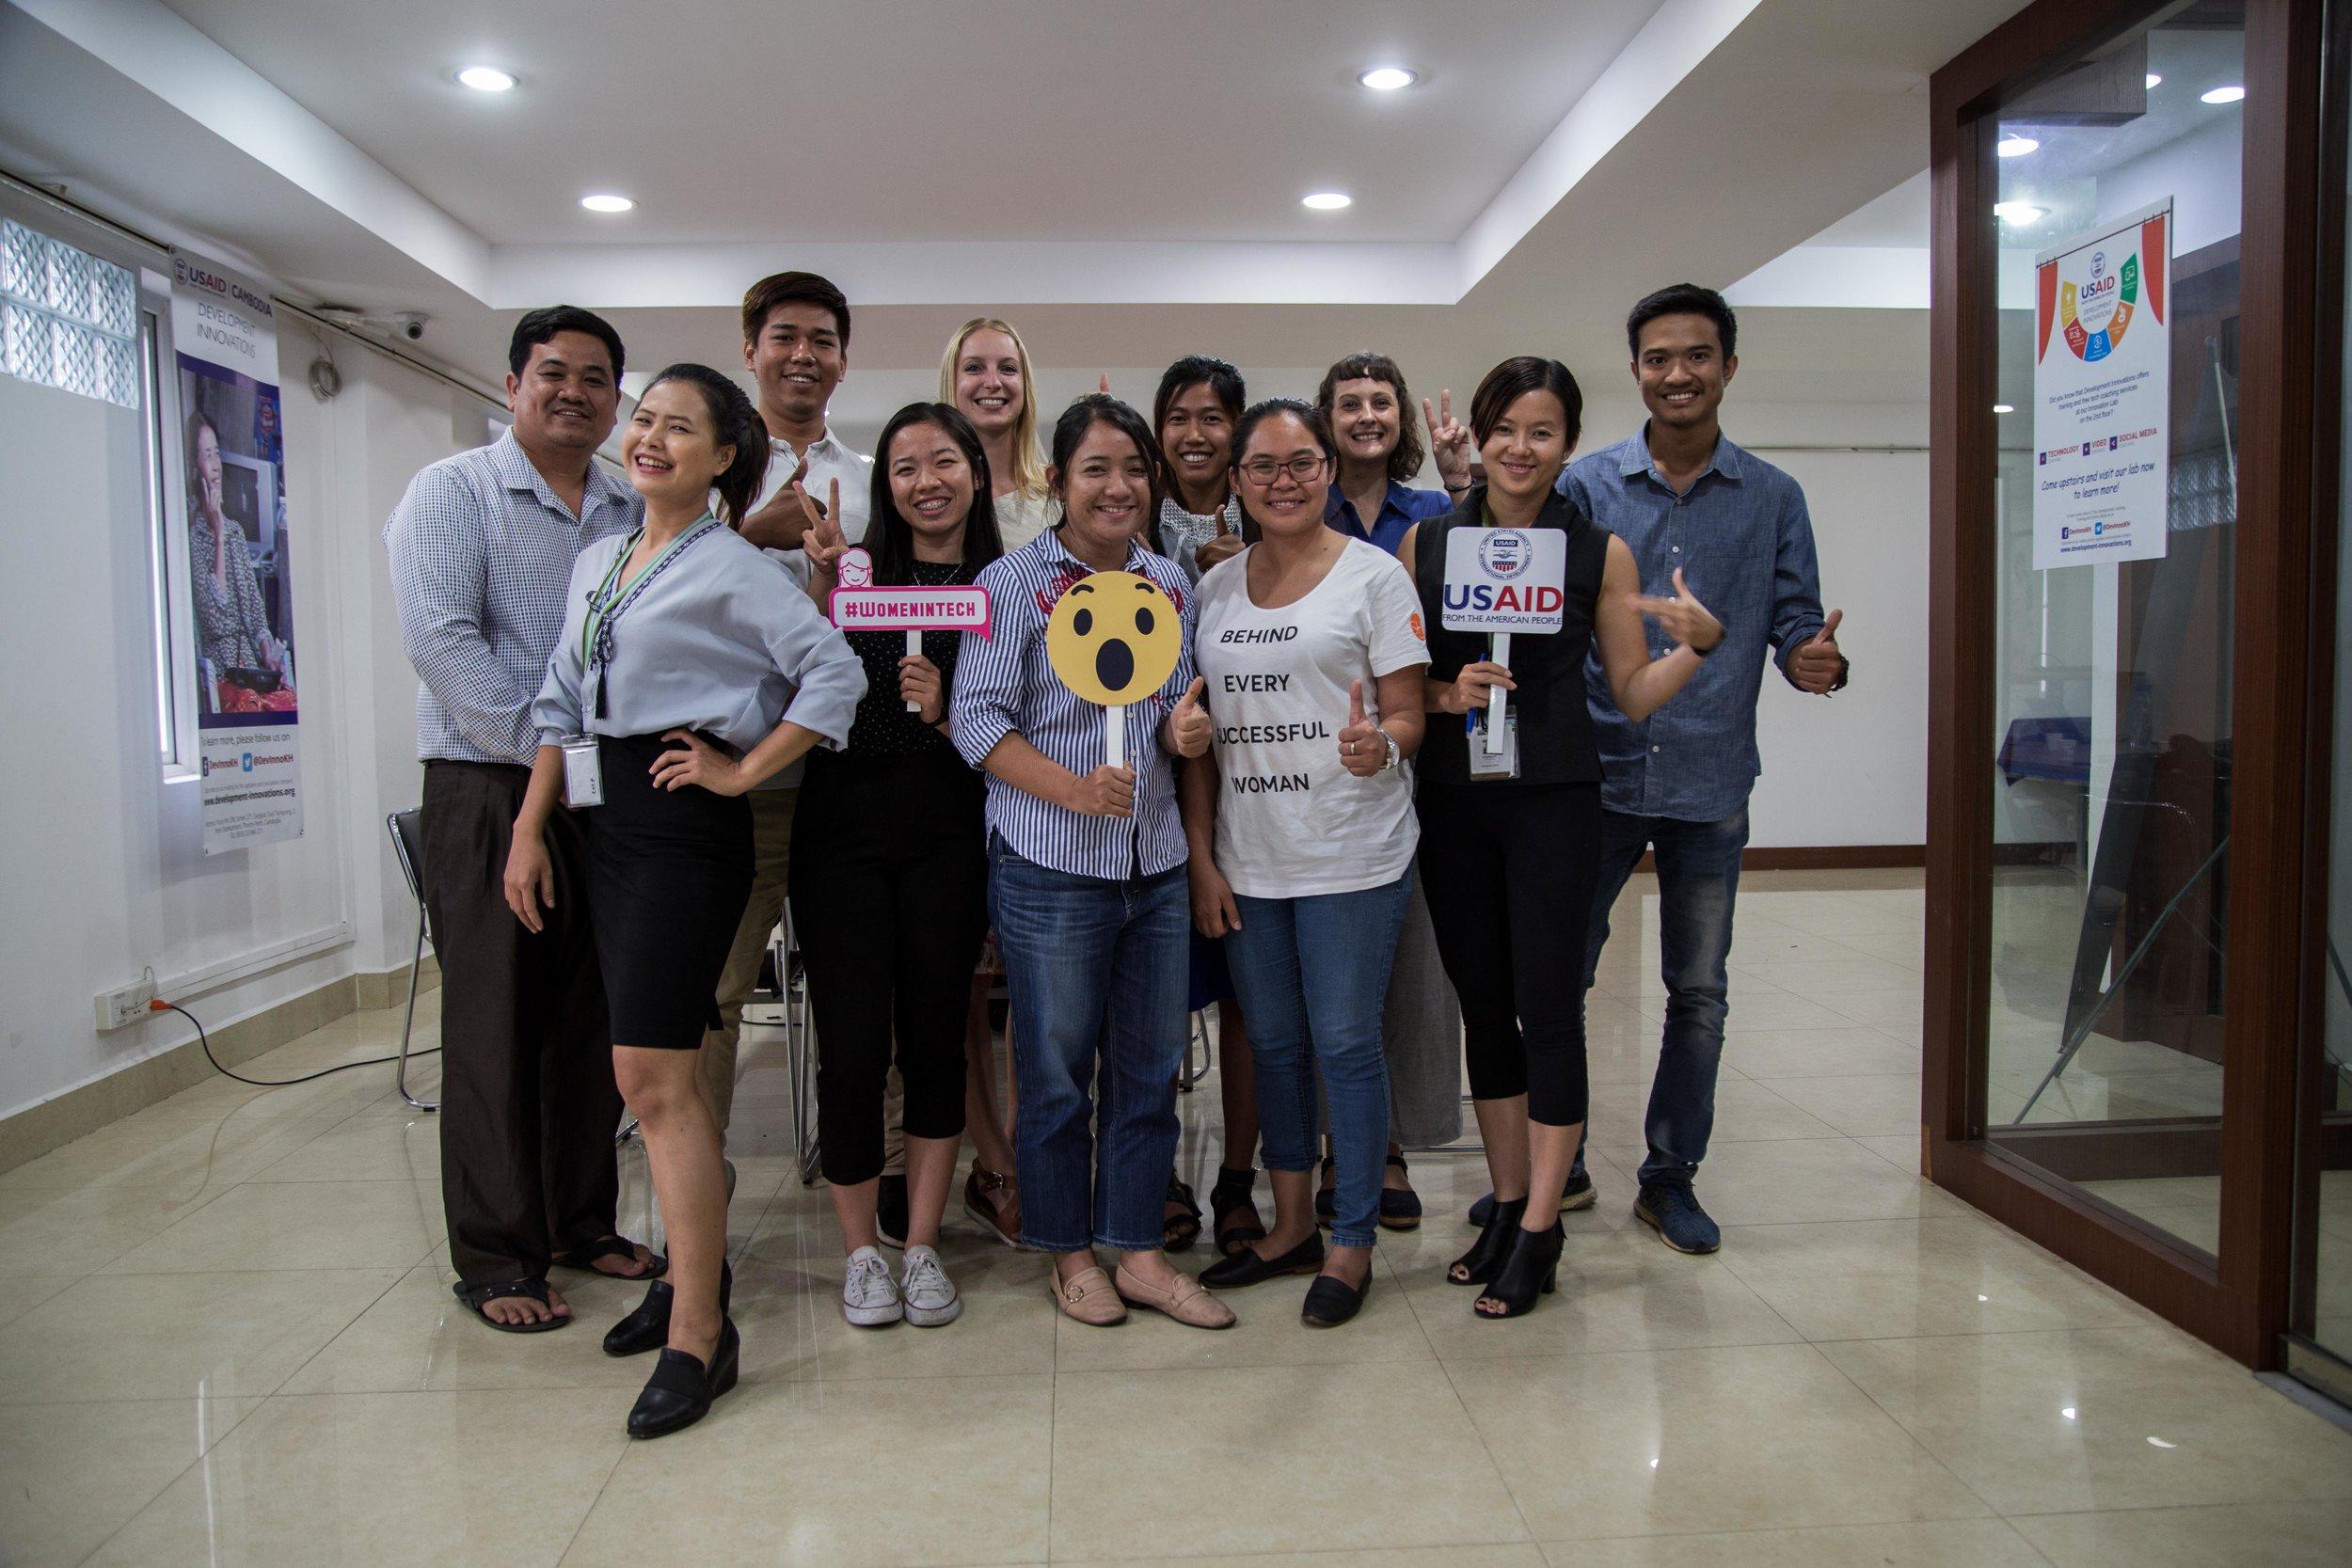 ក្រុមការងារ ស៊ី អ៊ិនវេសមិន (SHE Investments)និង Development Innovations Cambodia